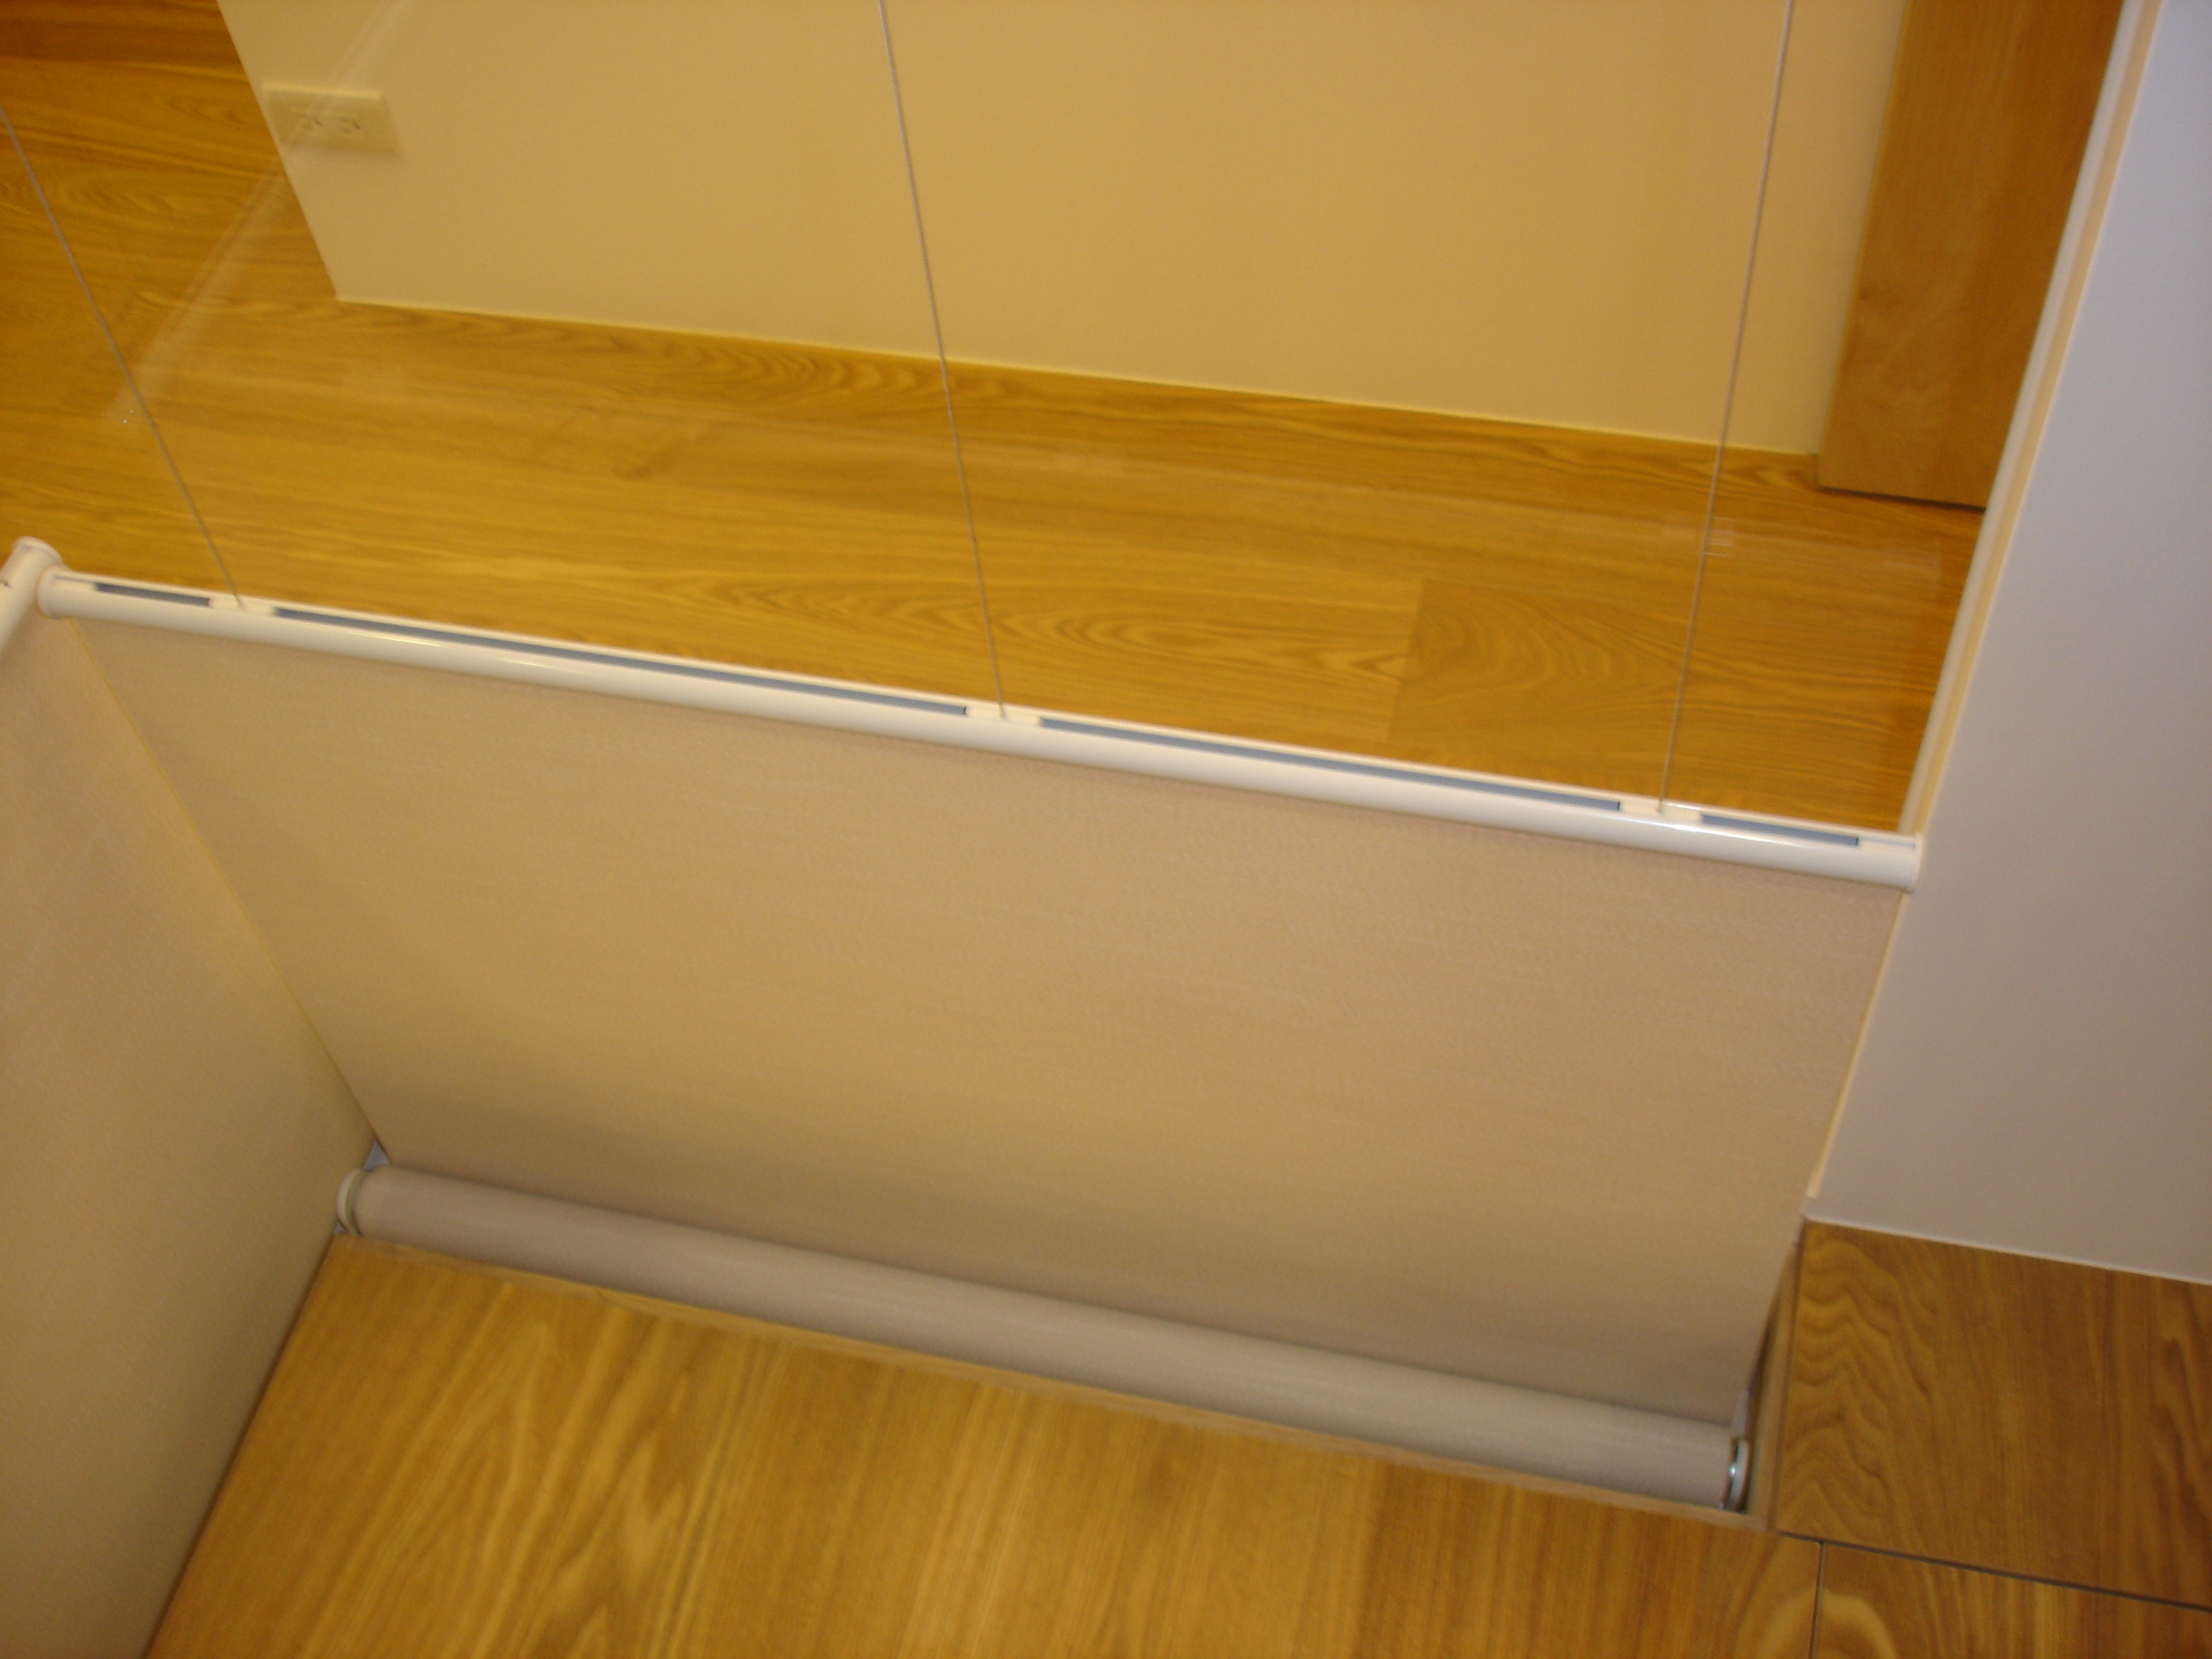 窗盒隱藏於地板下方